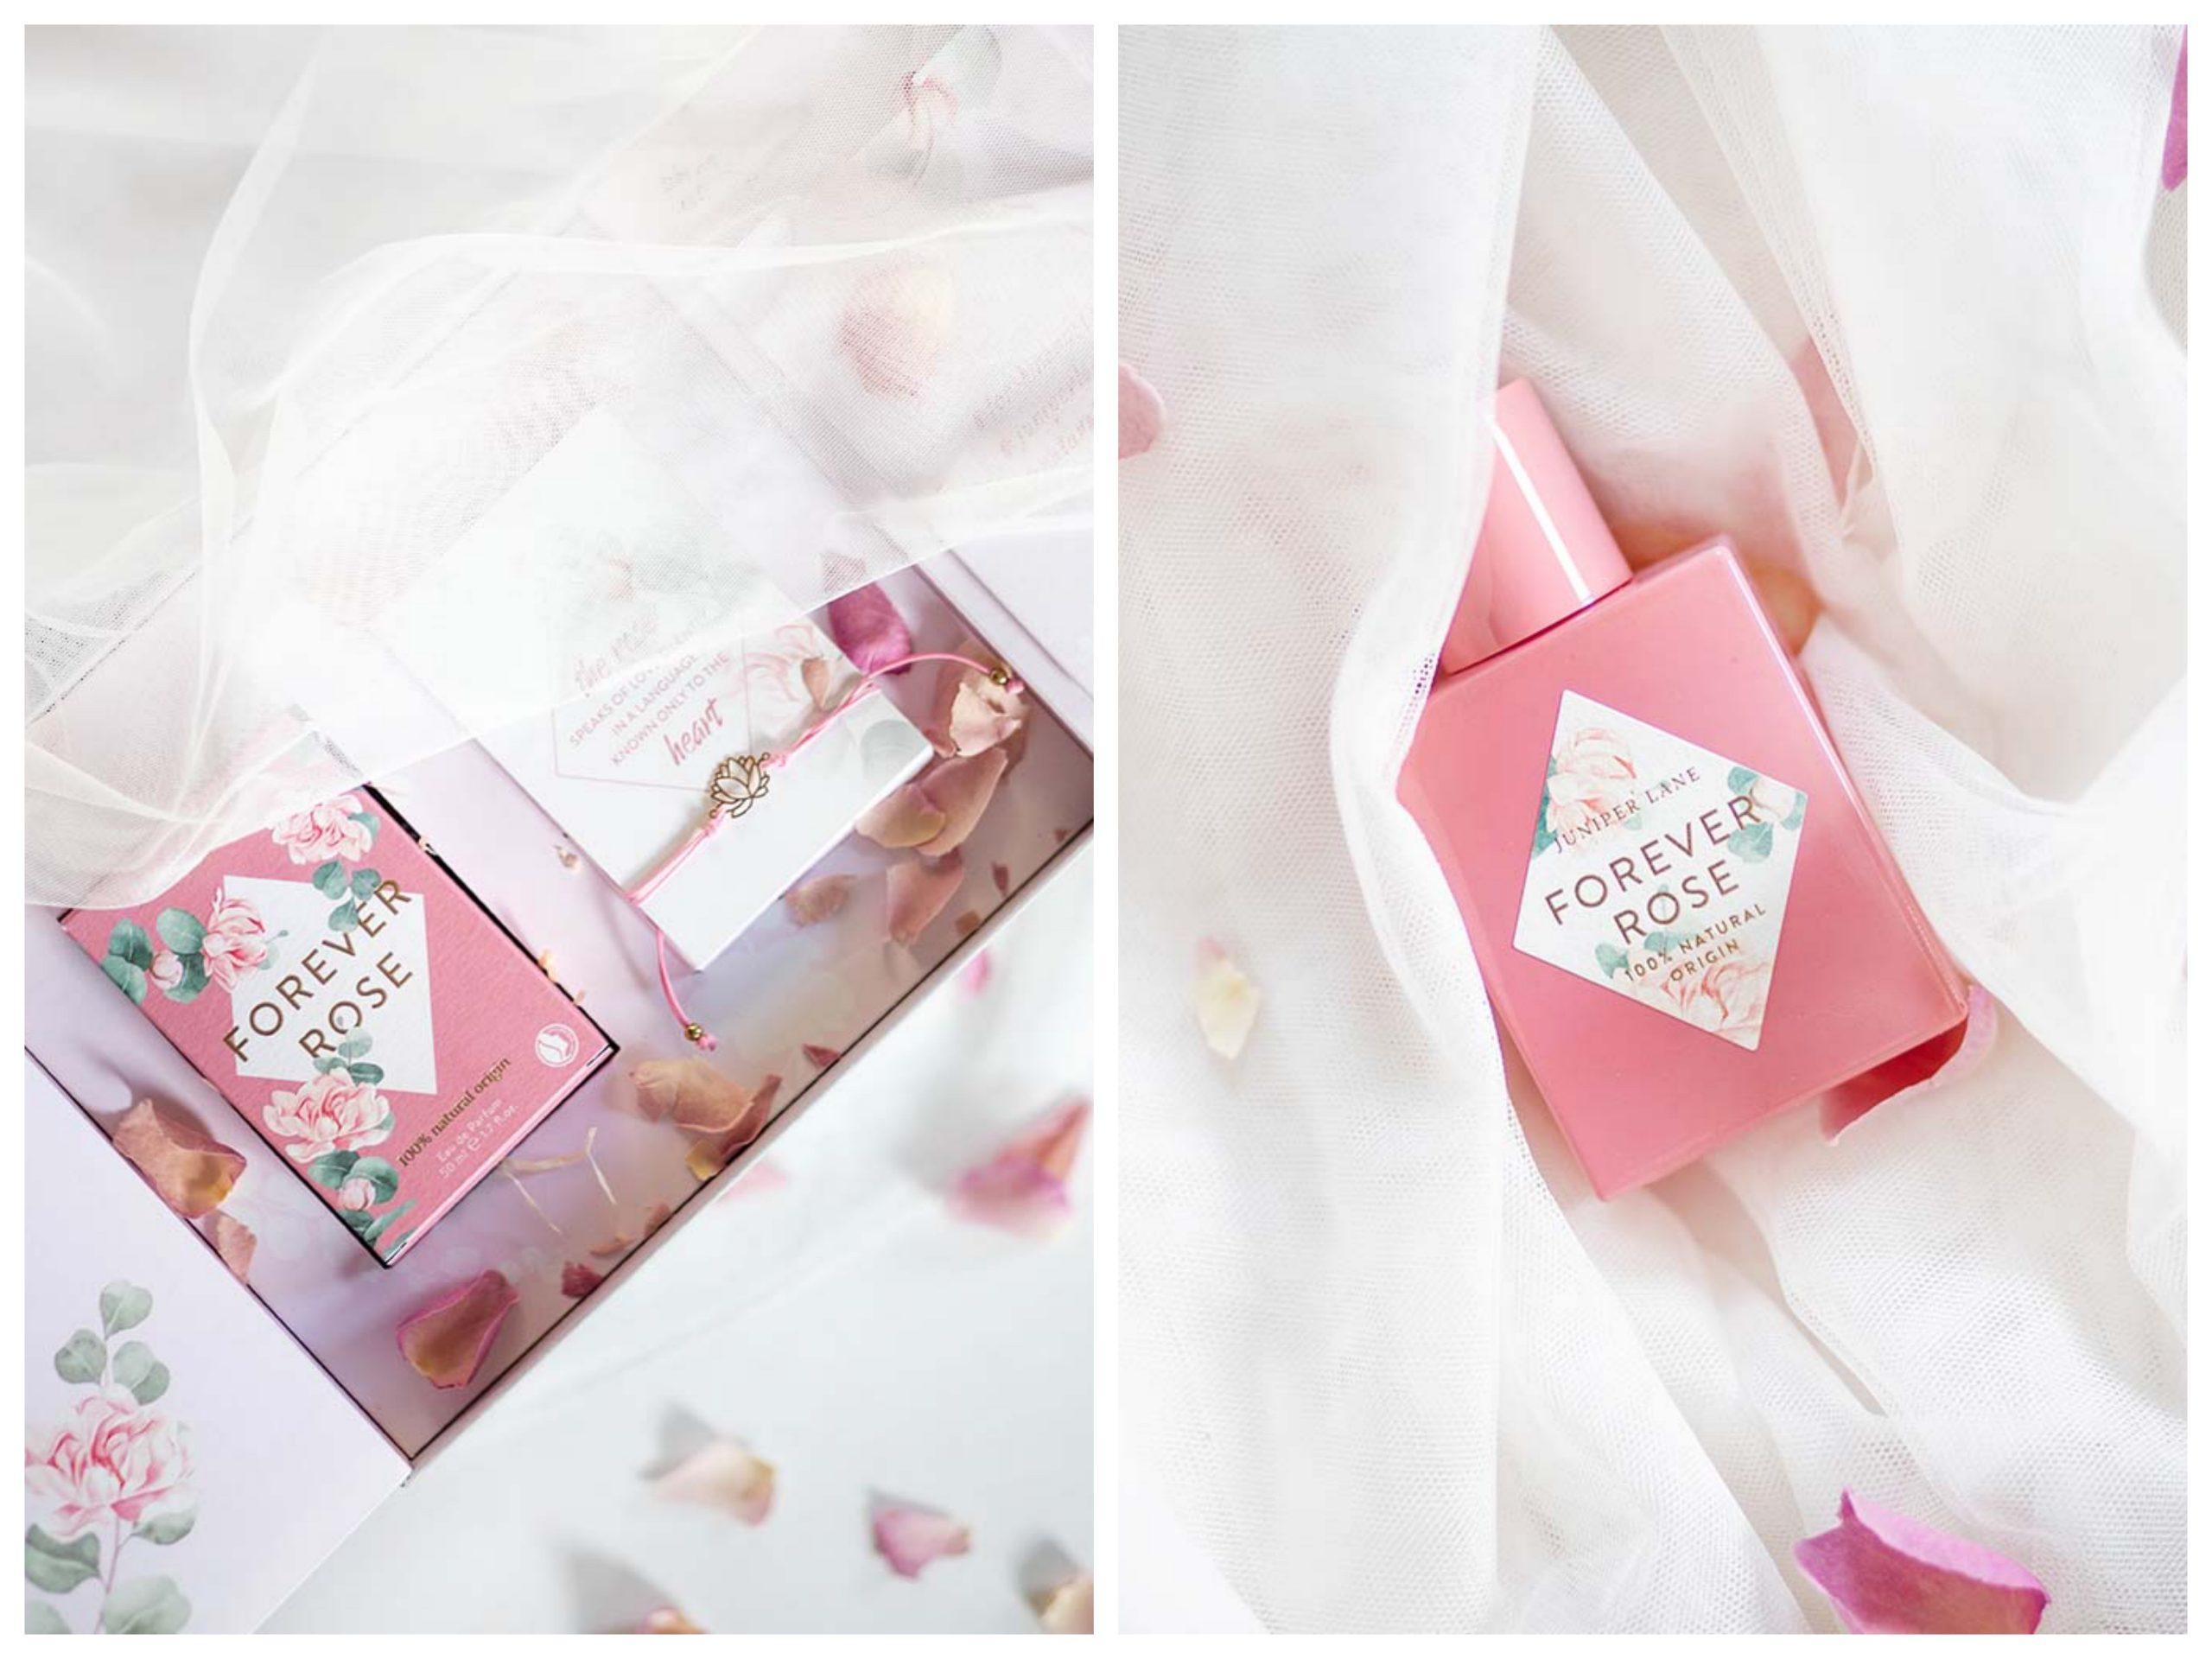 Natur-Parfum: FOREVER ROSE von Juniper Lane